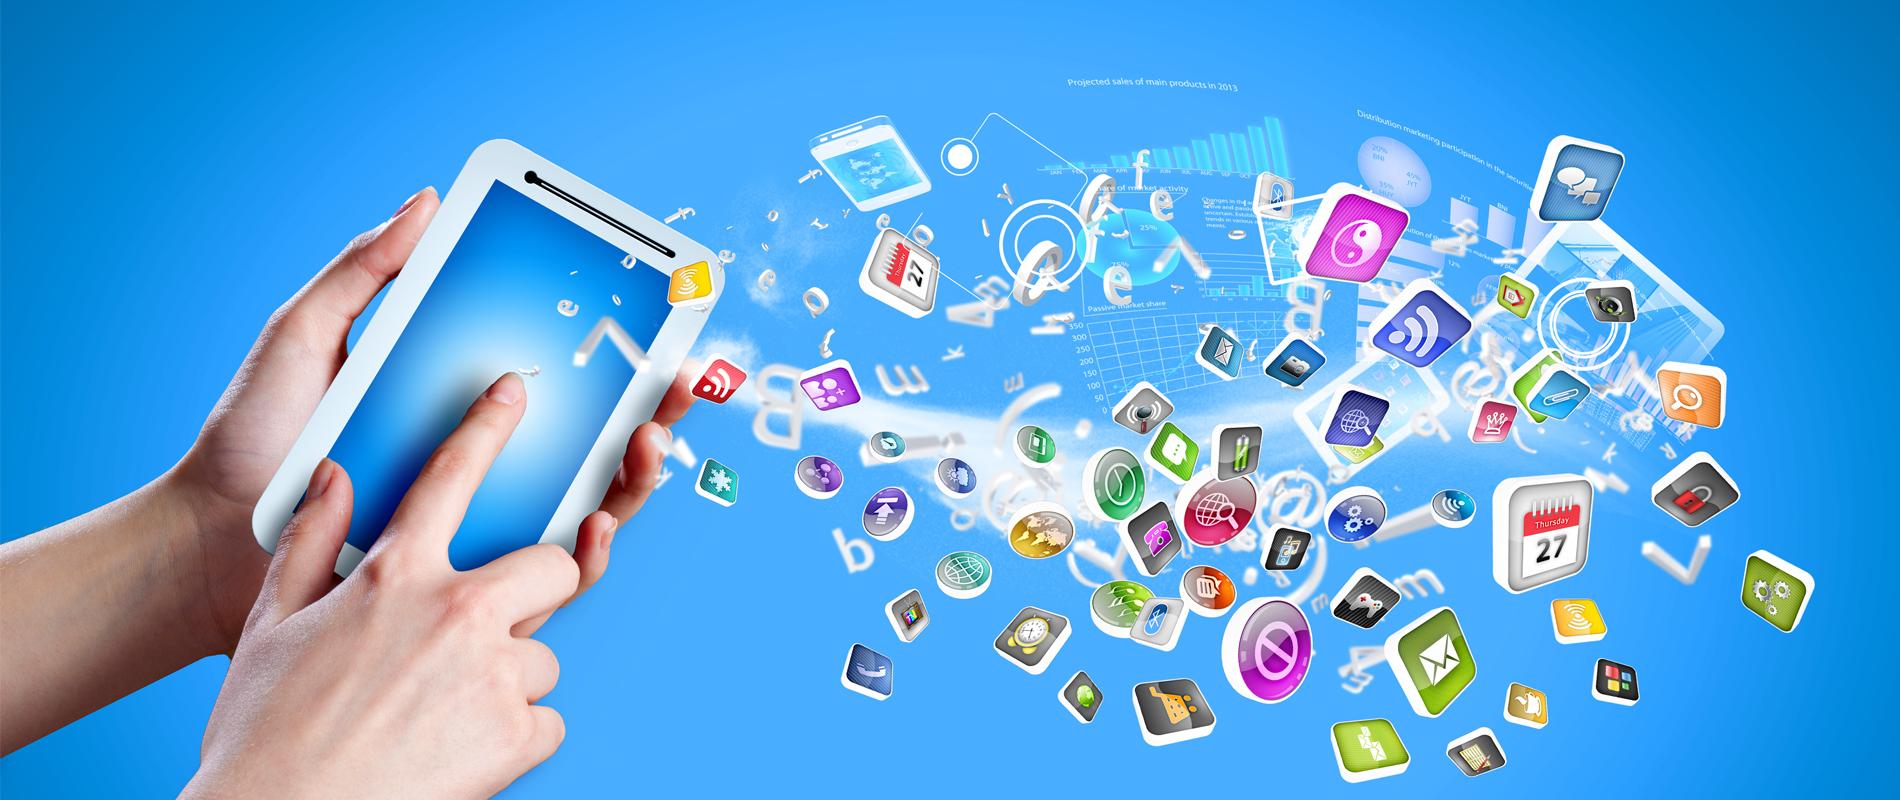 La evolución del Social Media – Mapa 2015 de Redes Sociales y otros servicios en la nube